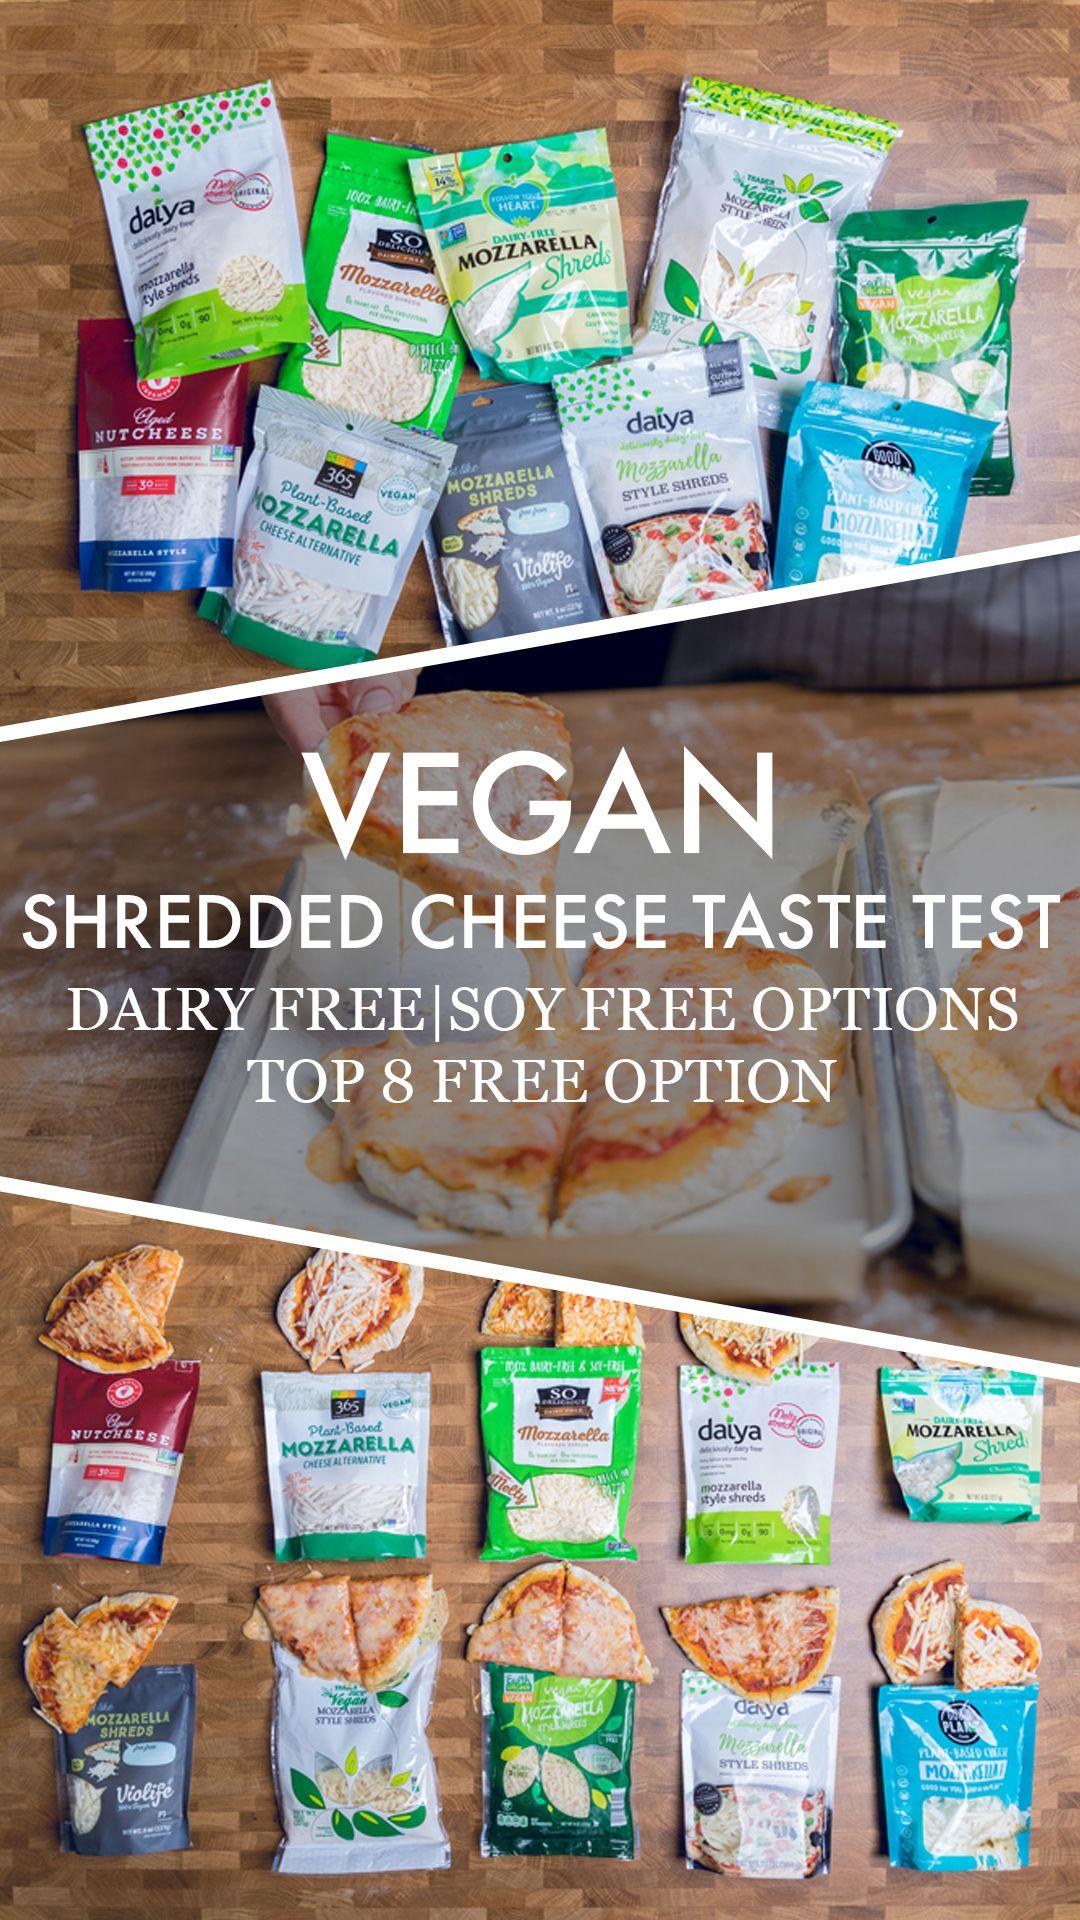 Vegan Shredded Cheese Taste Test - 10 Brands!